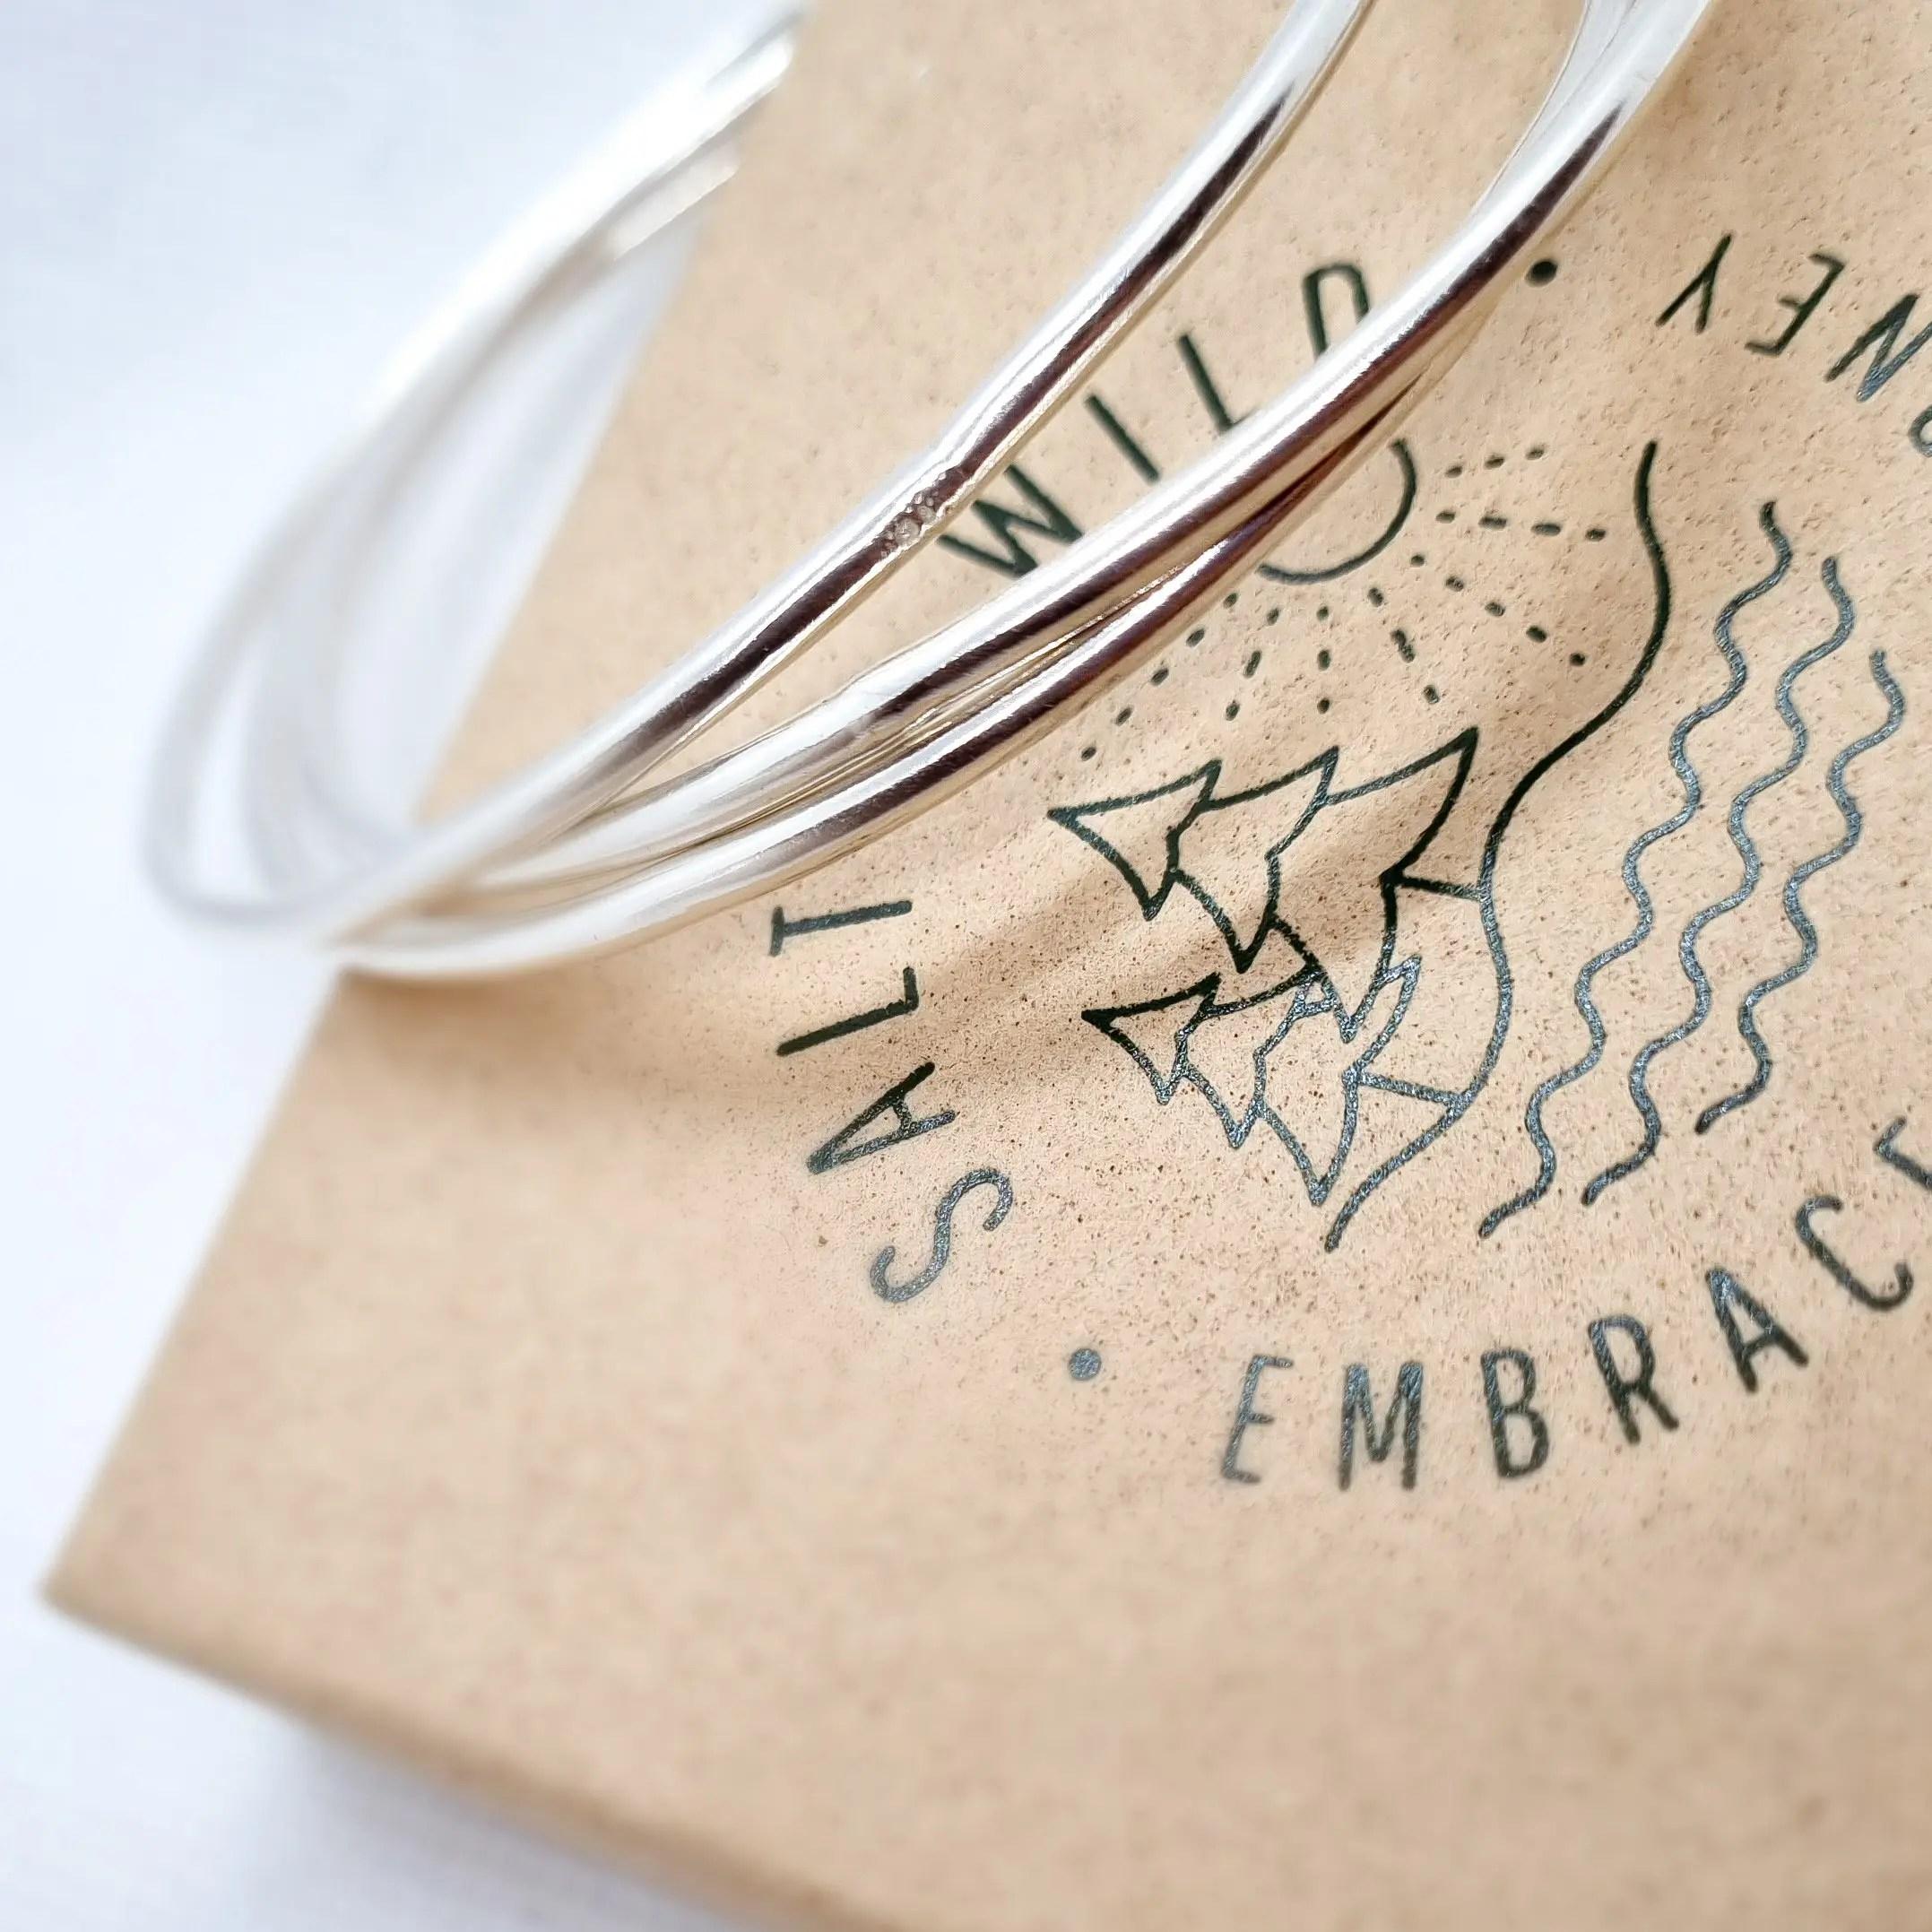 ethical jewellery ~ Salt & Wild, ethical jewellery